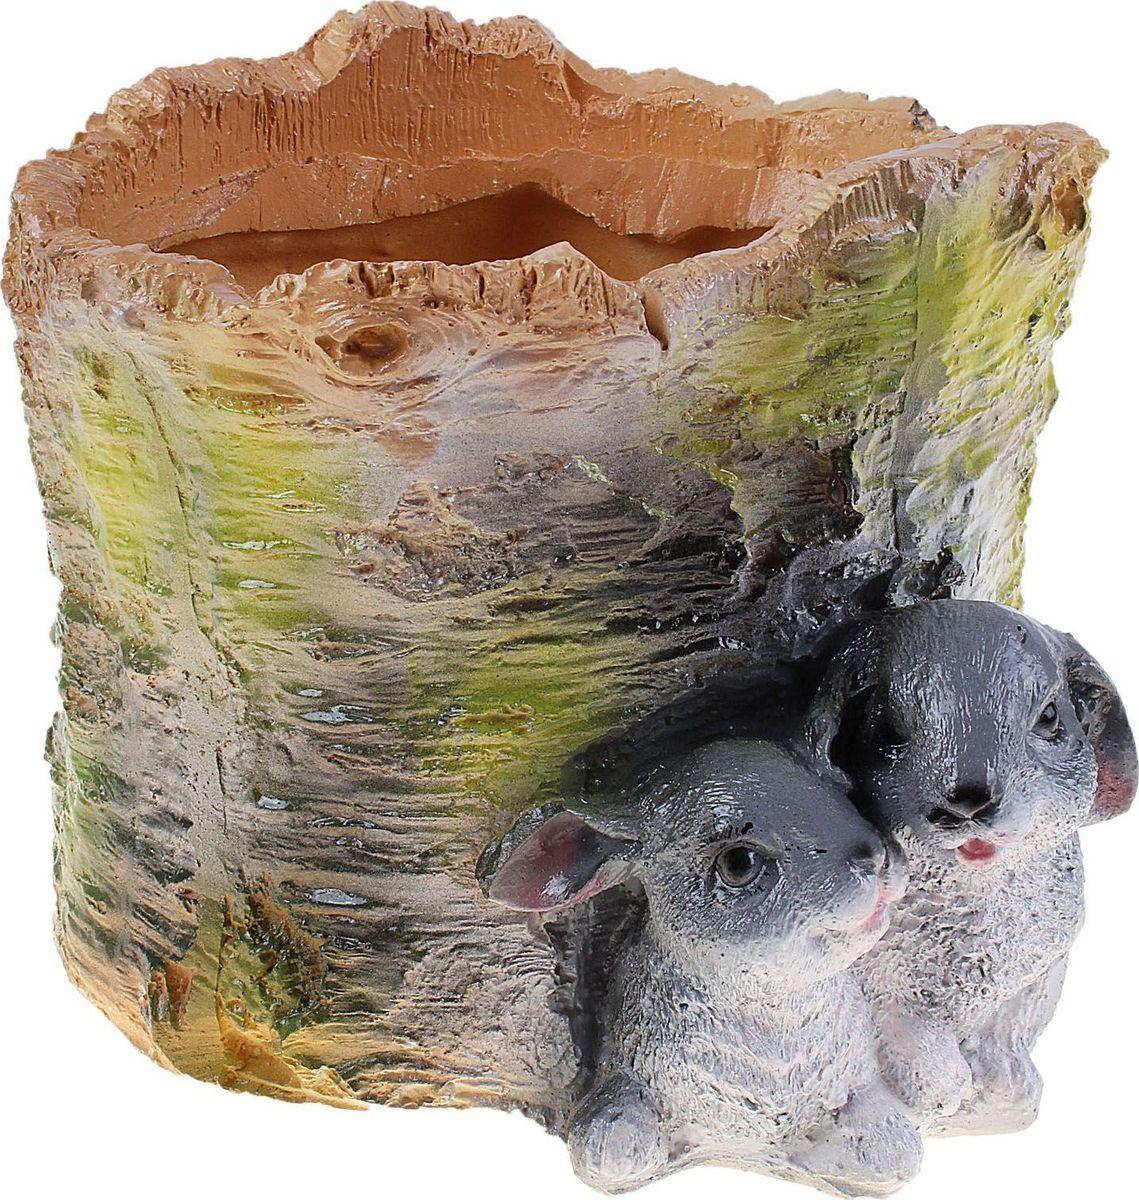 Кашпо Зайцы на березе, 18 х 18 х 15 см628377Комнатные растения — всеобщие любимцы. Они радуют глаз, насыщают помещение кислородом и украшают пространство. Каждому из растений необходим свой удобный и красивый дом. Поселите зелёного питомца в яркое и оригинальное фигурное кашпо. Выберите подходящую форму для детской, спальни, гостиной, балкона, офиса или террасы. #name# позаботится о растении, украсит окружающее пространство и подчеркнёт его оригинальный стиль.